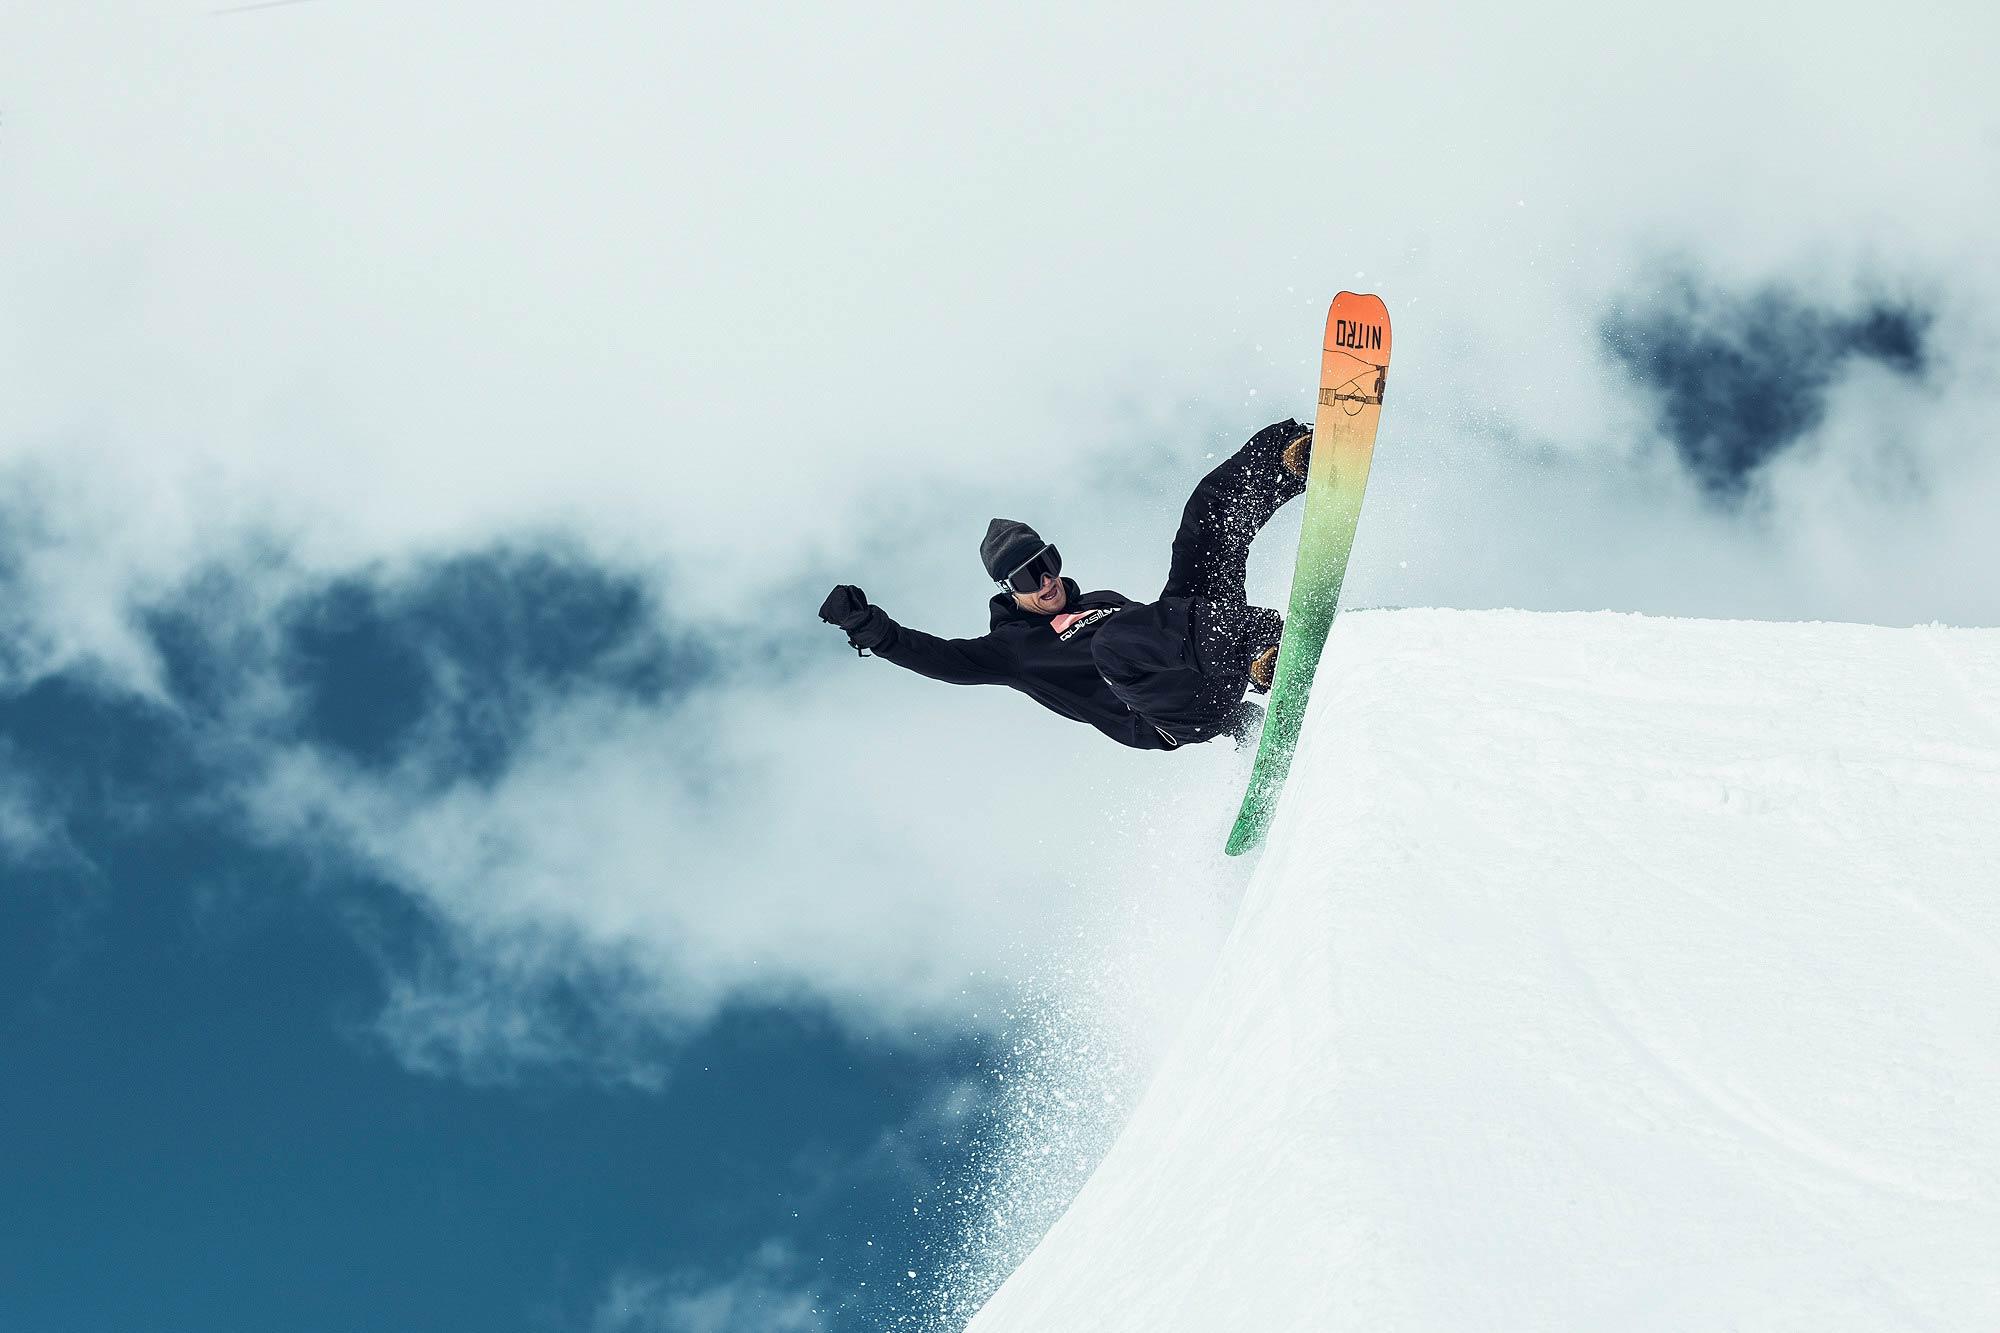 Nitro stellt Griffin Siebert´s erstes Pro Model Snowboard vor